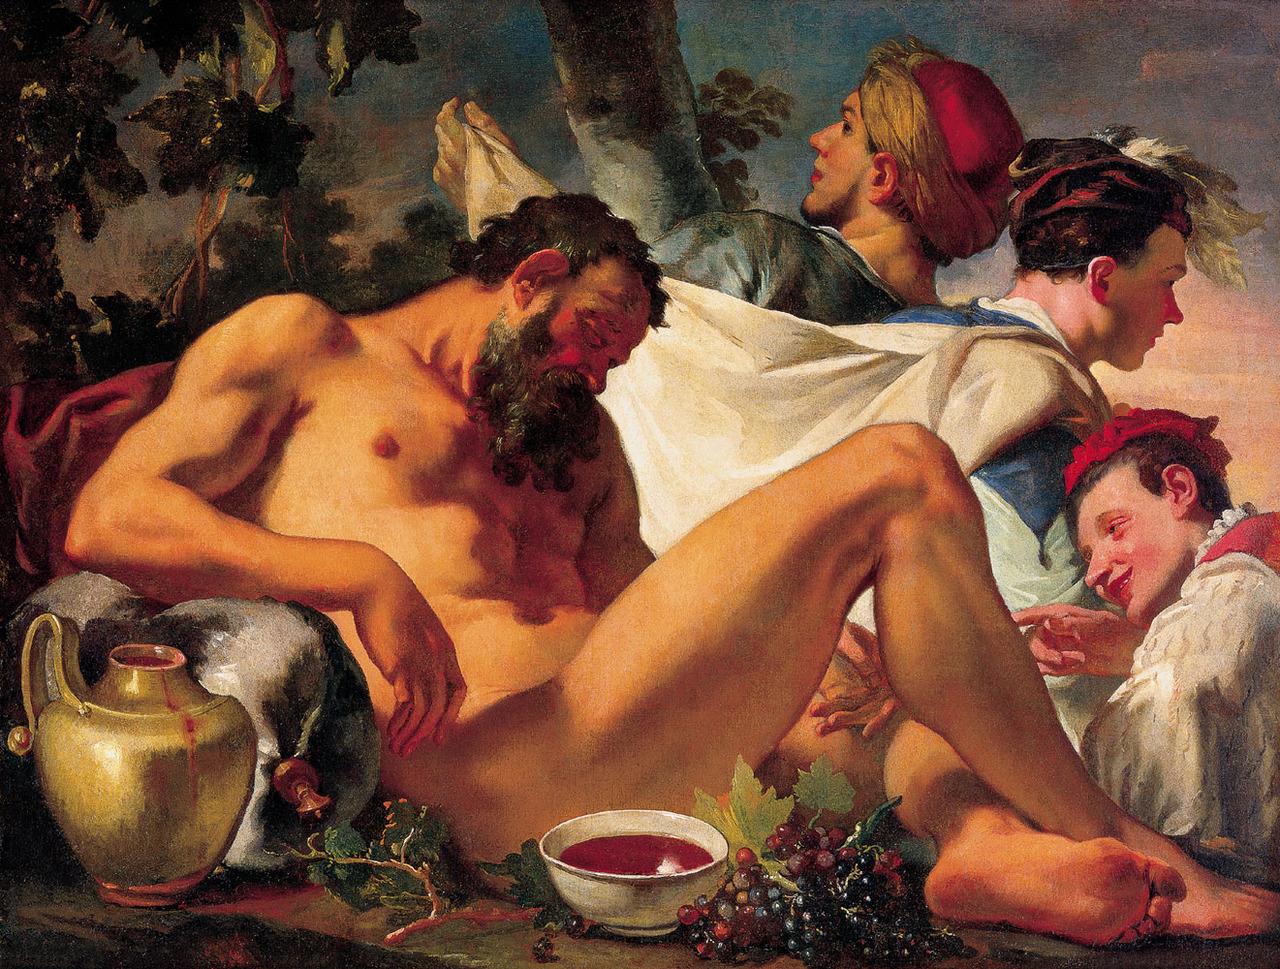 Пьянство в Библии